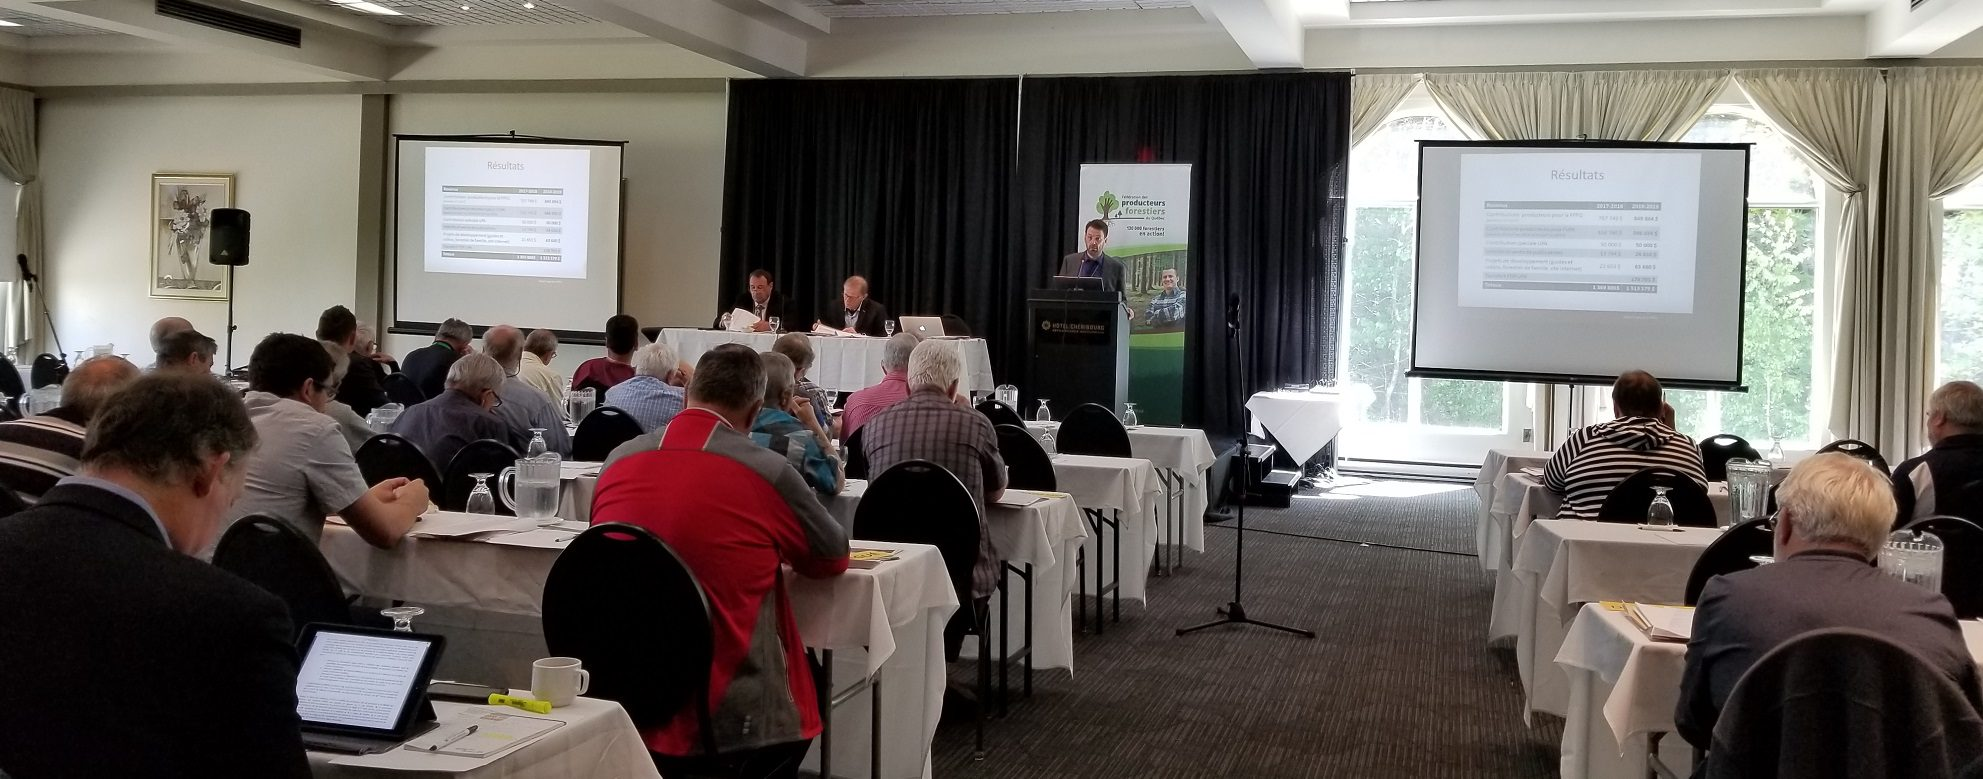 Le directeur général de la FPFQ, Marc-André Côté, s'adresse aux participants de l'AGA.